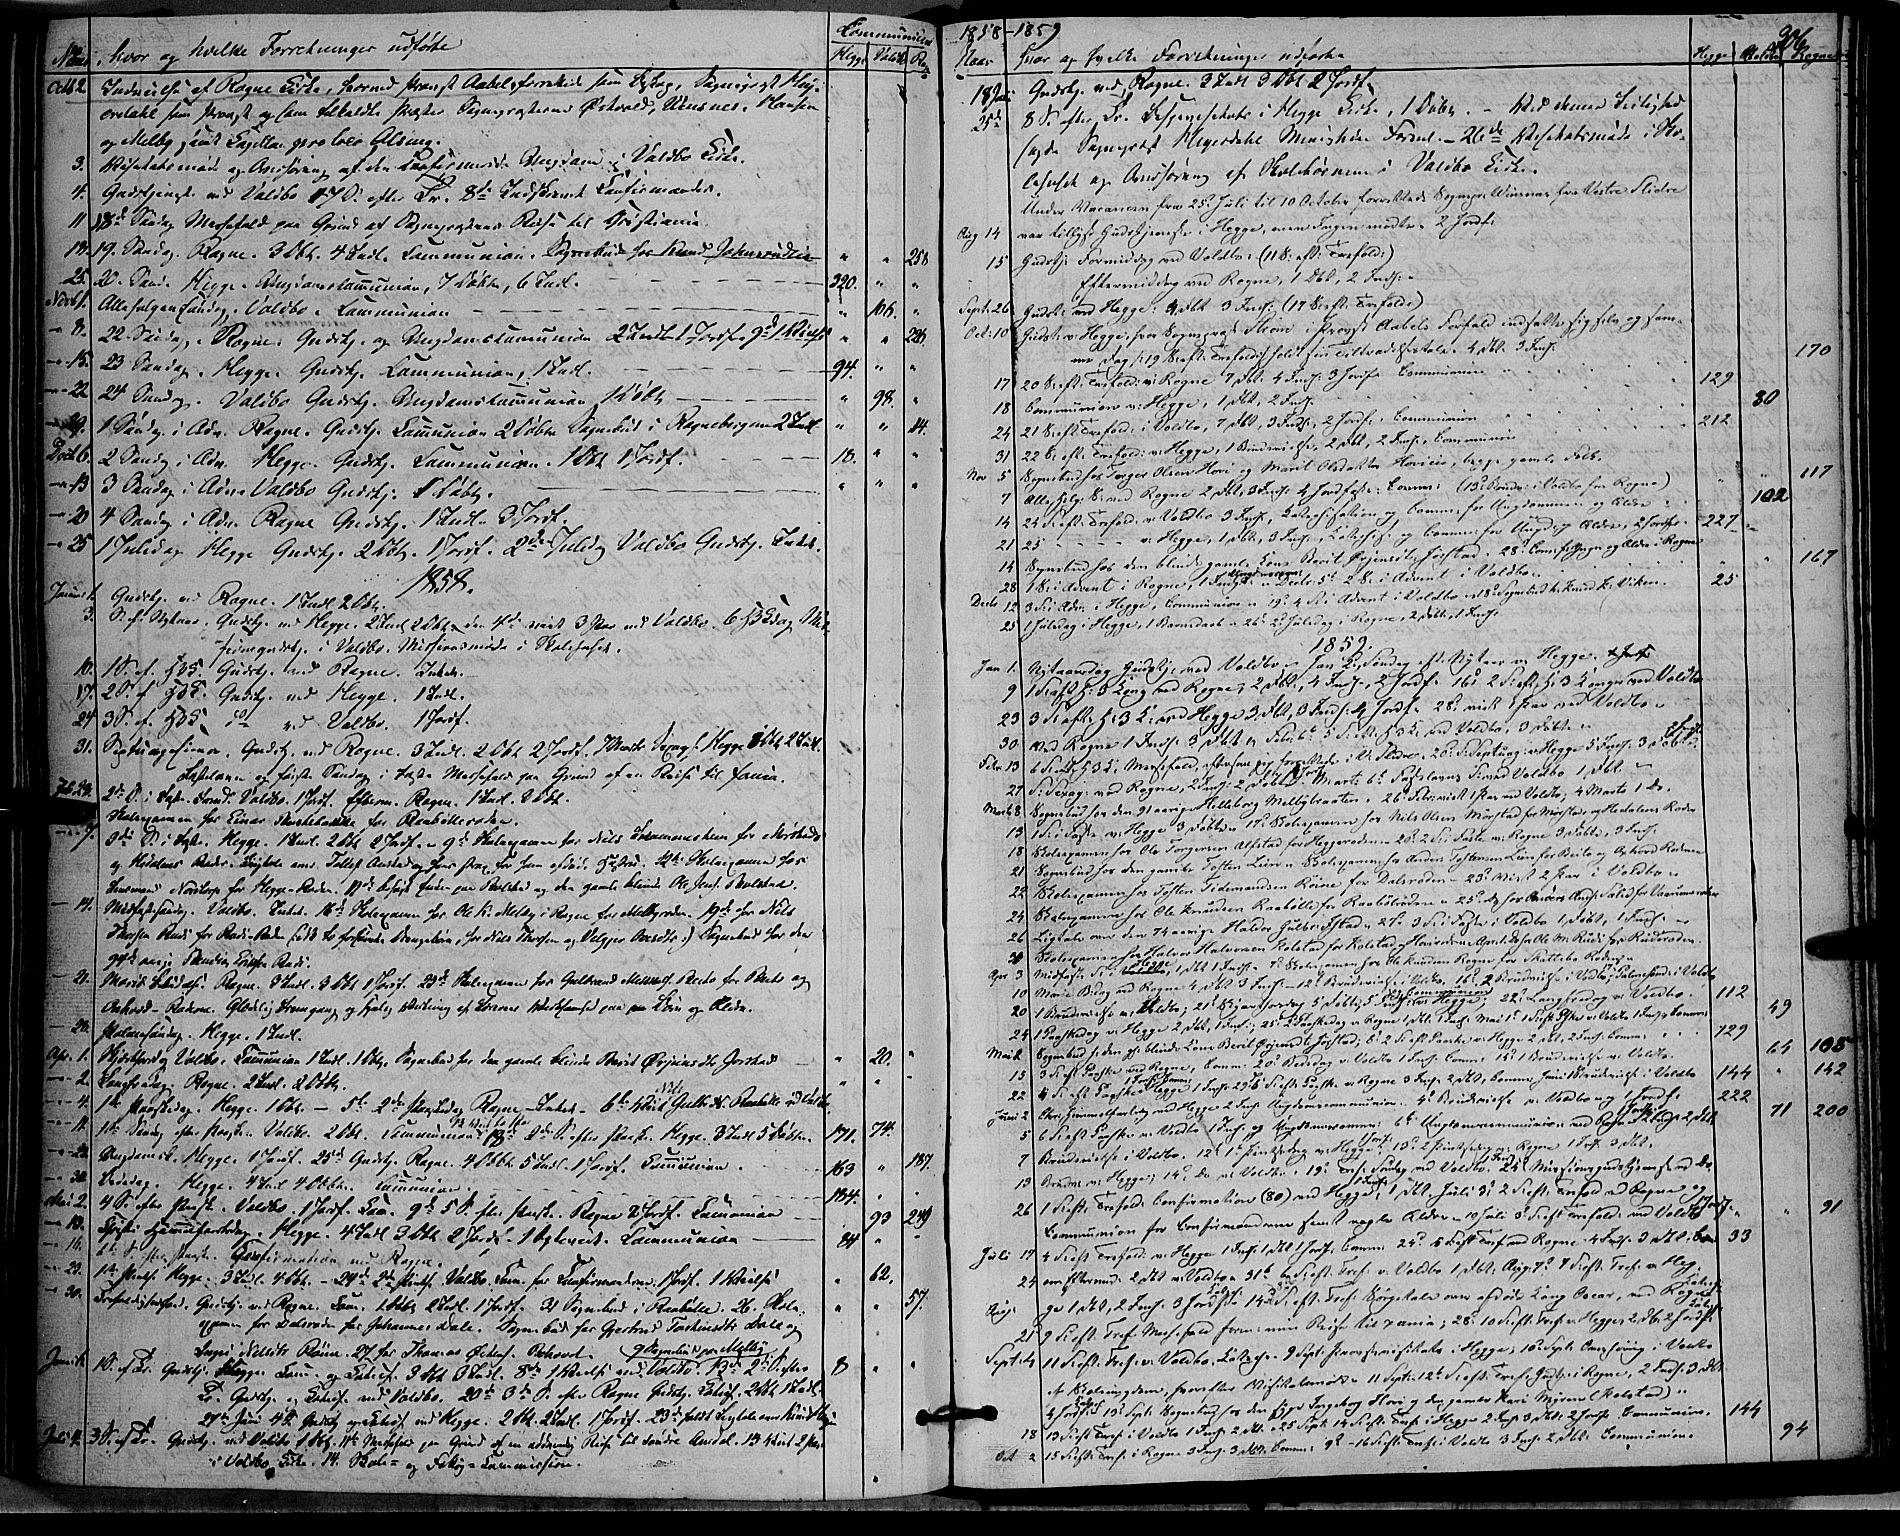 SAH, Øystre Slidre prestekontor, Ministerialbok nr. 1, 1849-1874, s. 305